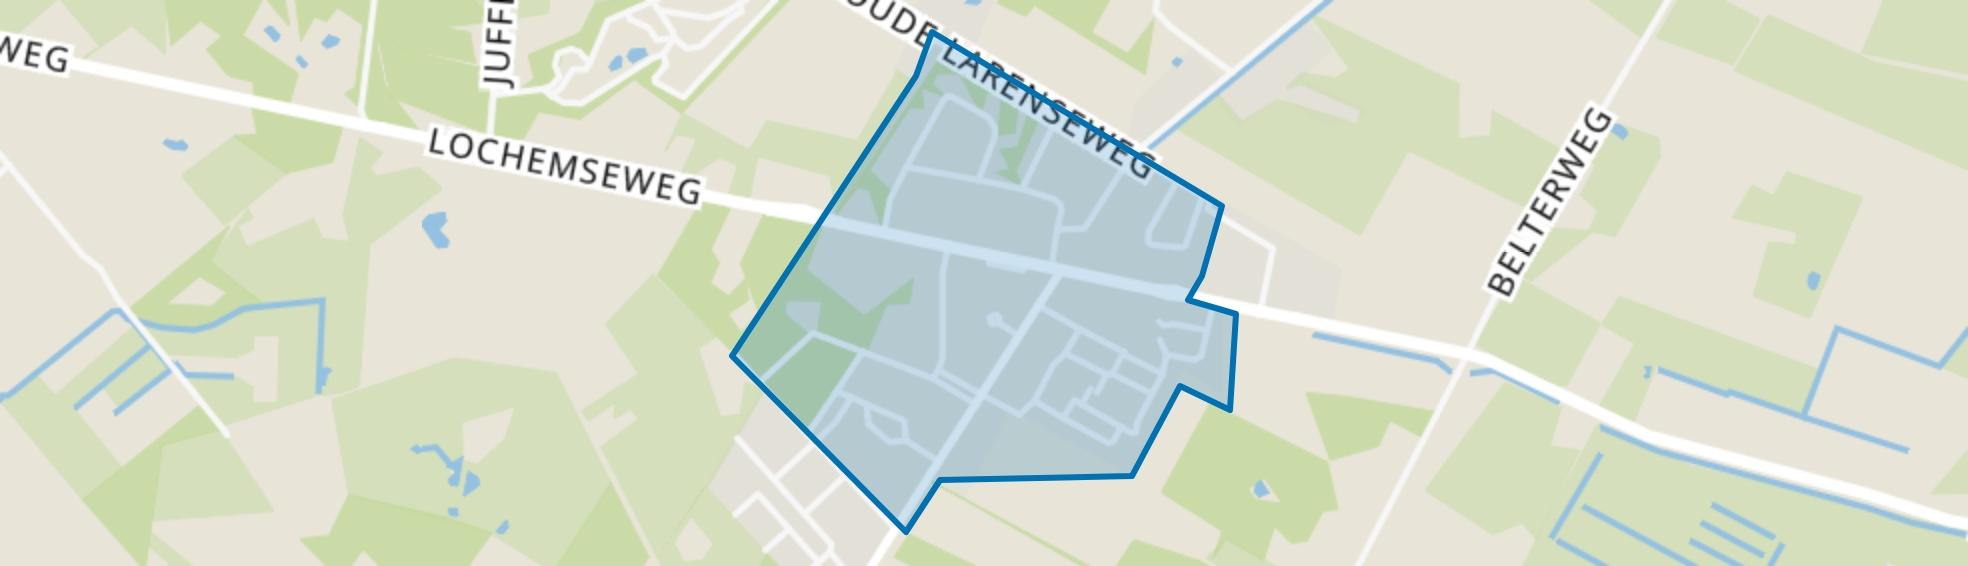 Harfsen, Harfsen map